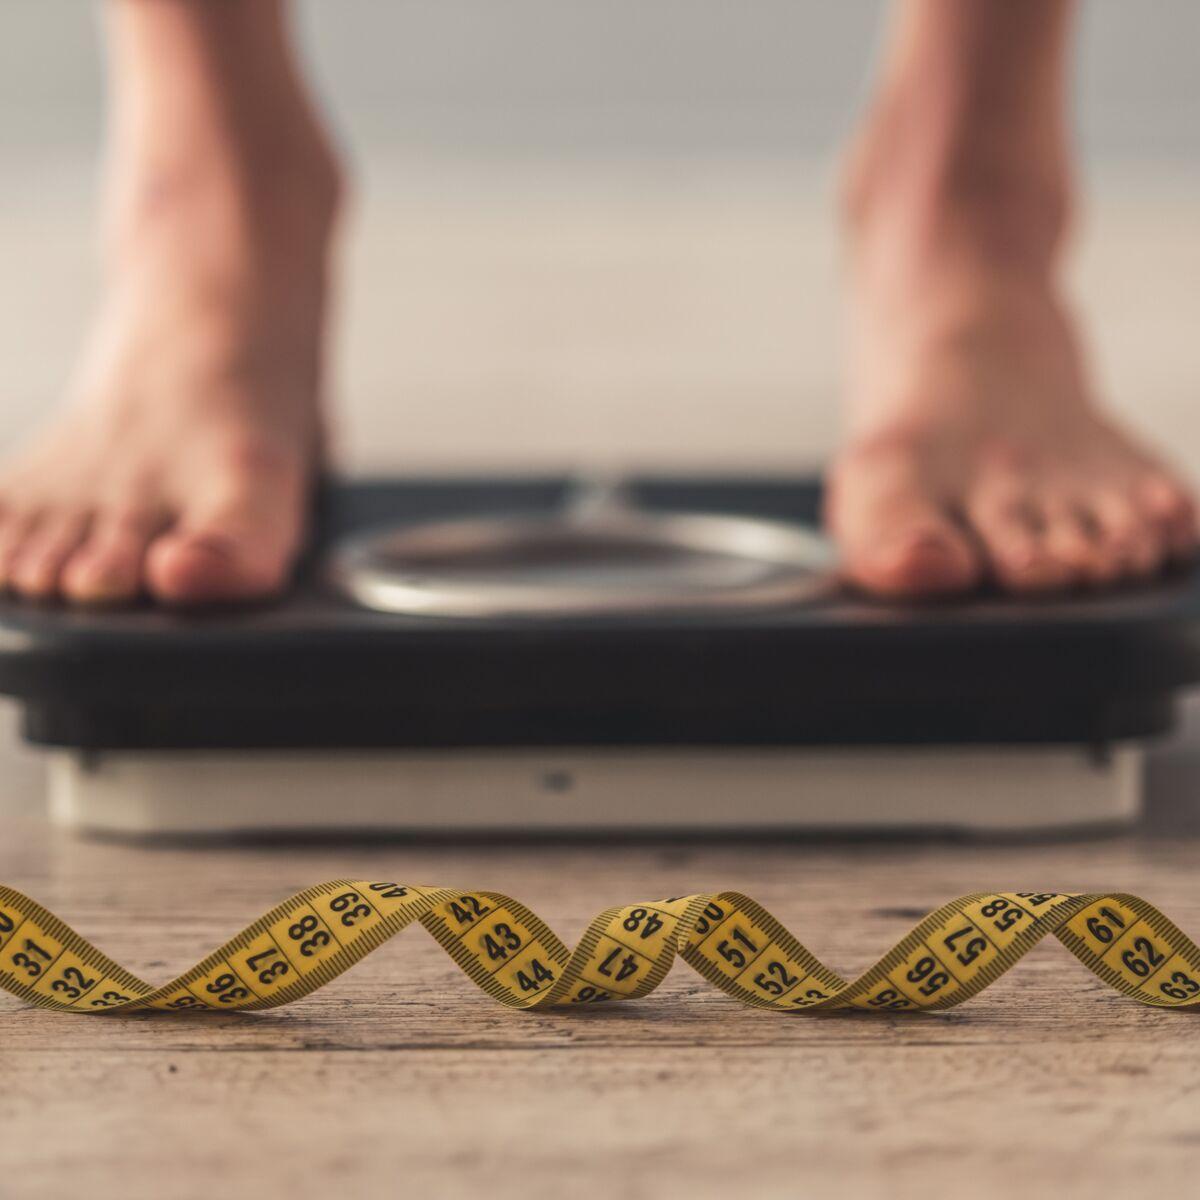 Weight loss - Wikipedia